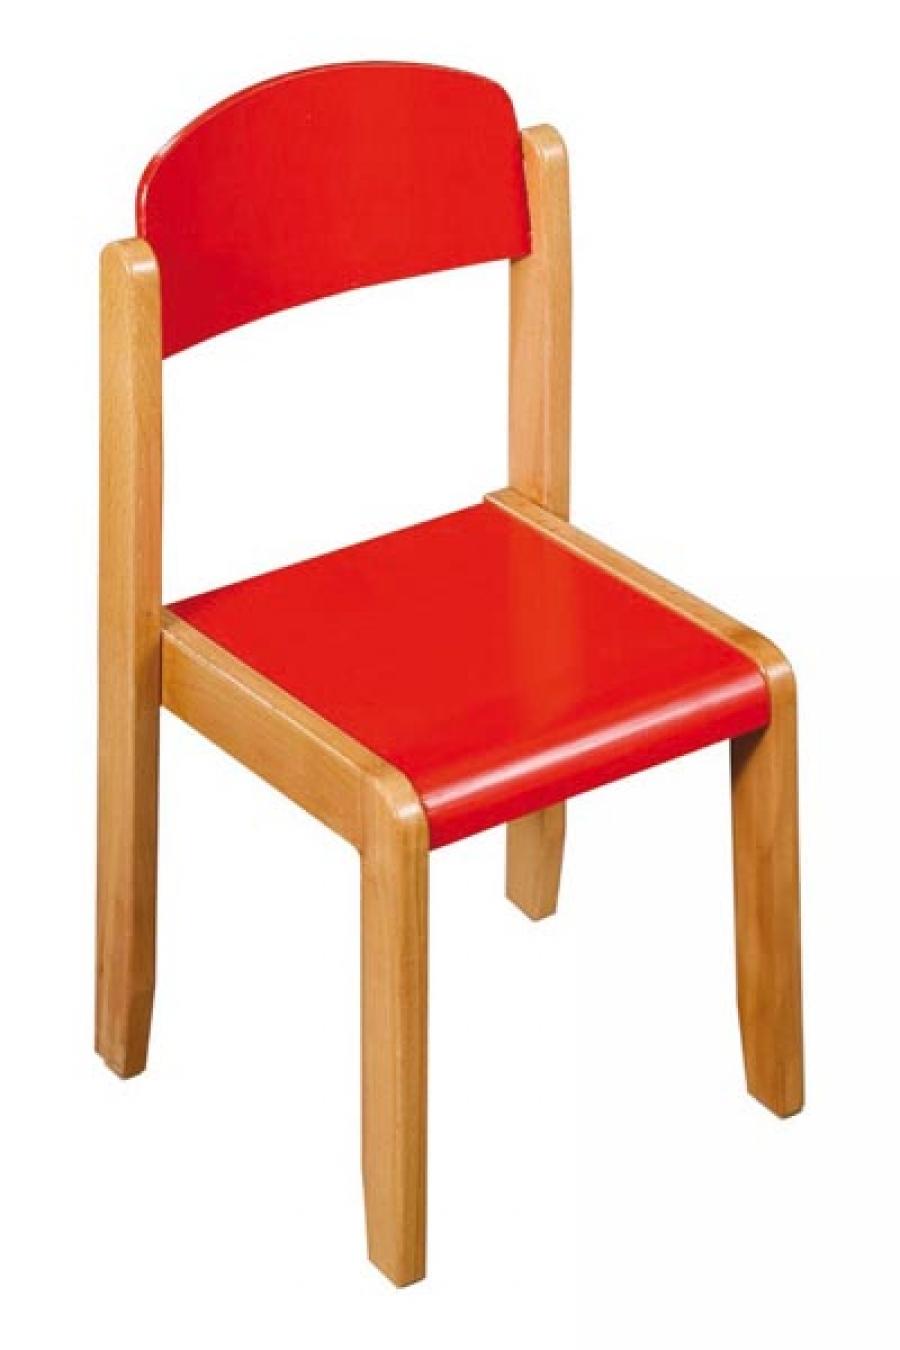 sillas escolares On sillas escolares para ninos